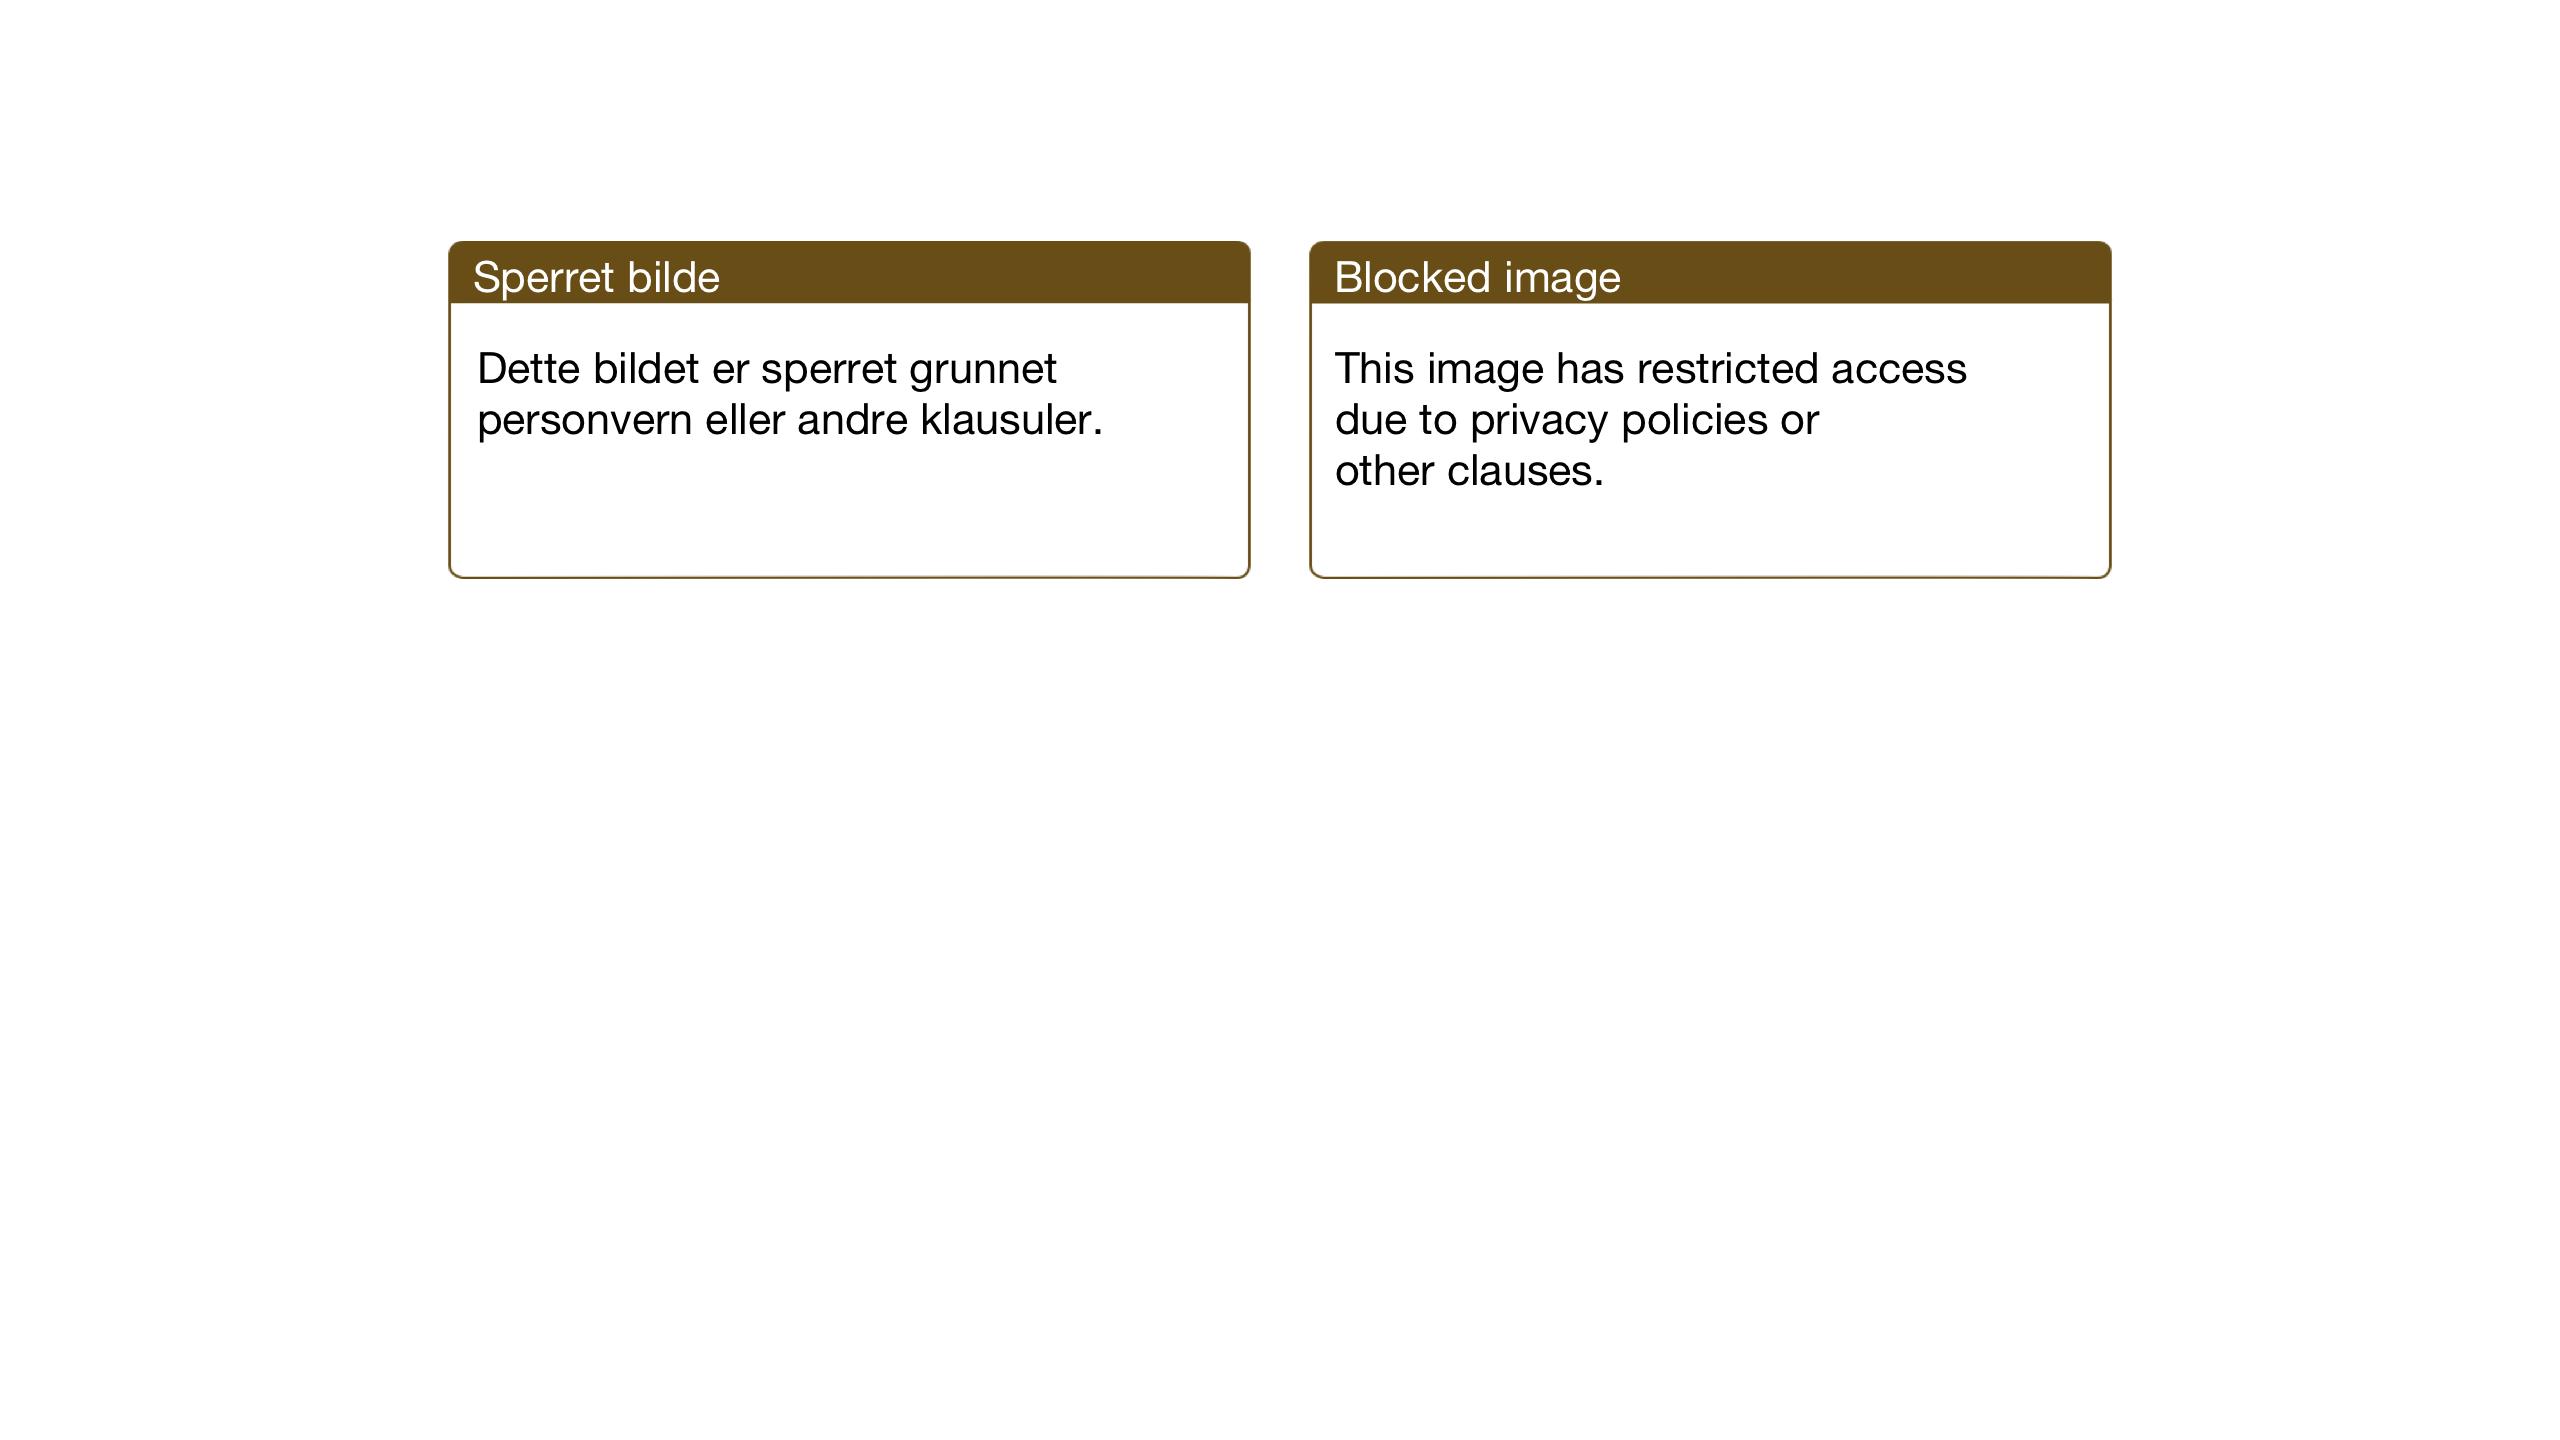 SAT, Ministerialprotokoller, klokkerbøker og fødselsregistre - Sør-Trøndelag, 651/L0648: Klokkerbok nr. 651C02, 1915-1945, s. 87